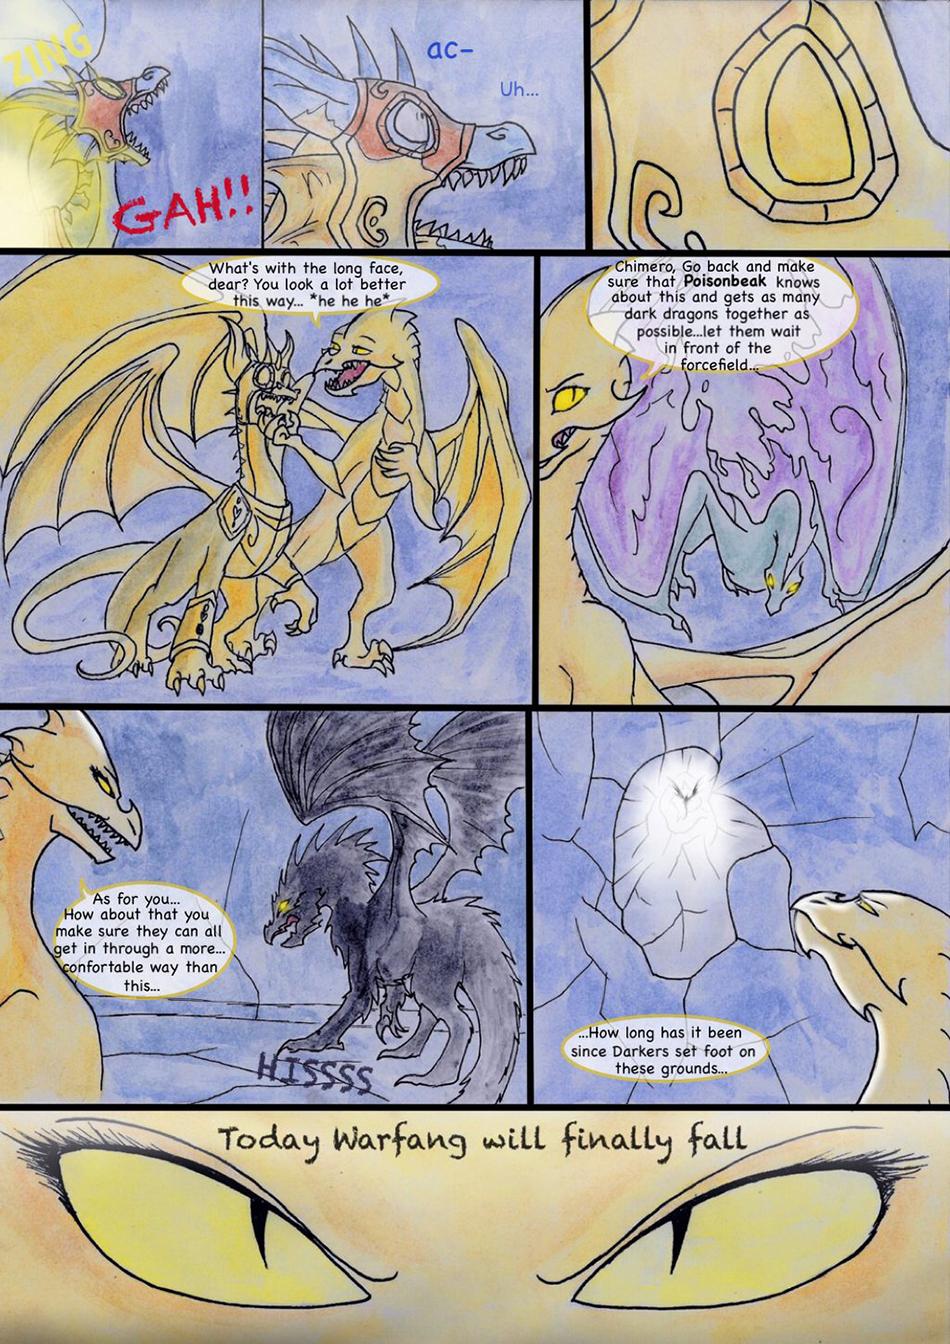 Dare to dream - page 30